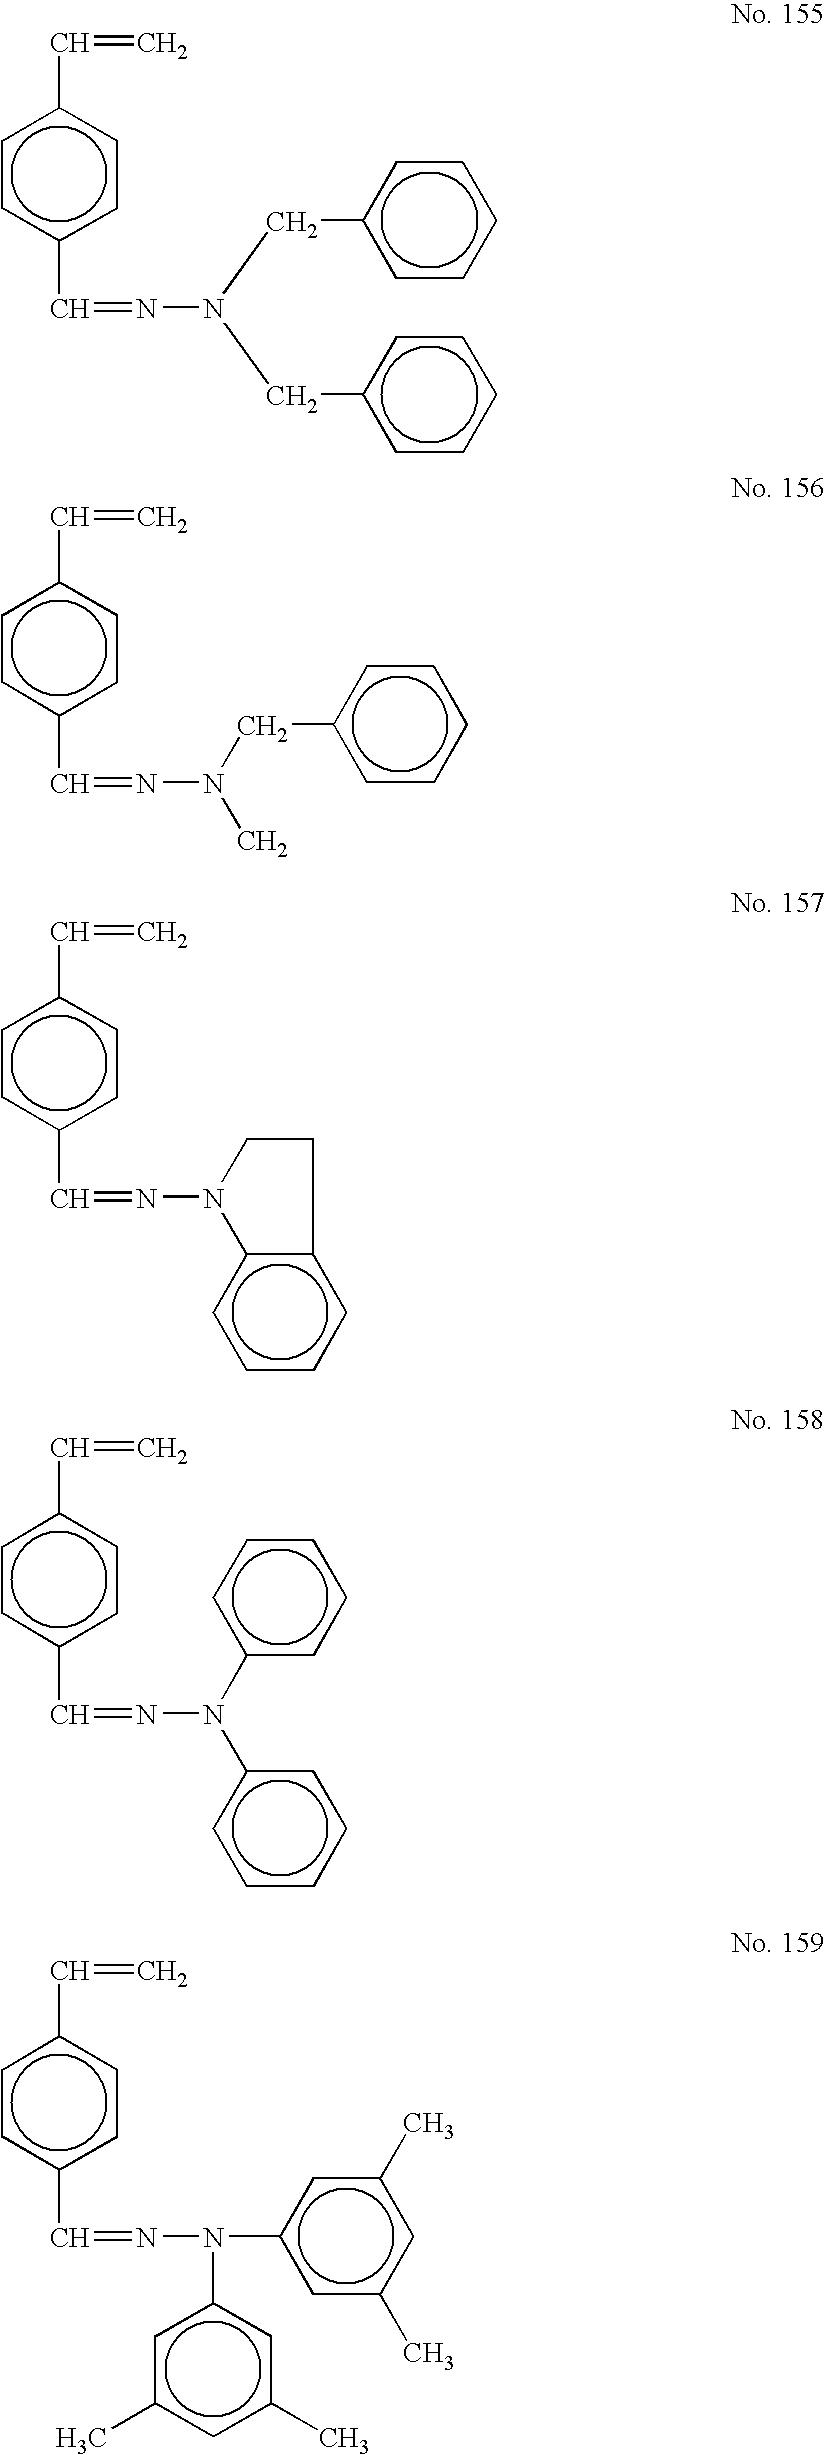 Figure US20050158641A1-20050721-C00066